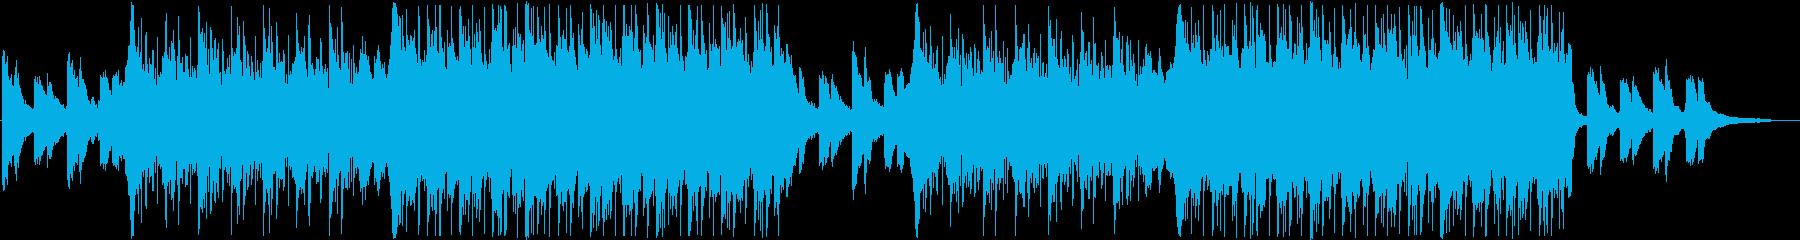 決断の時を表現したHip-Hop曲の再生済みの波形